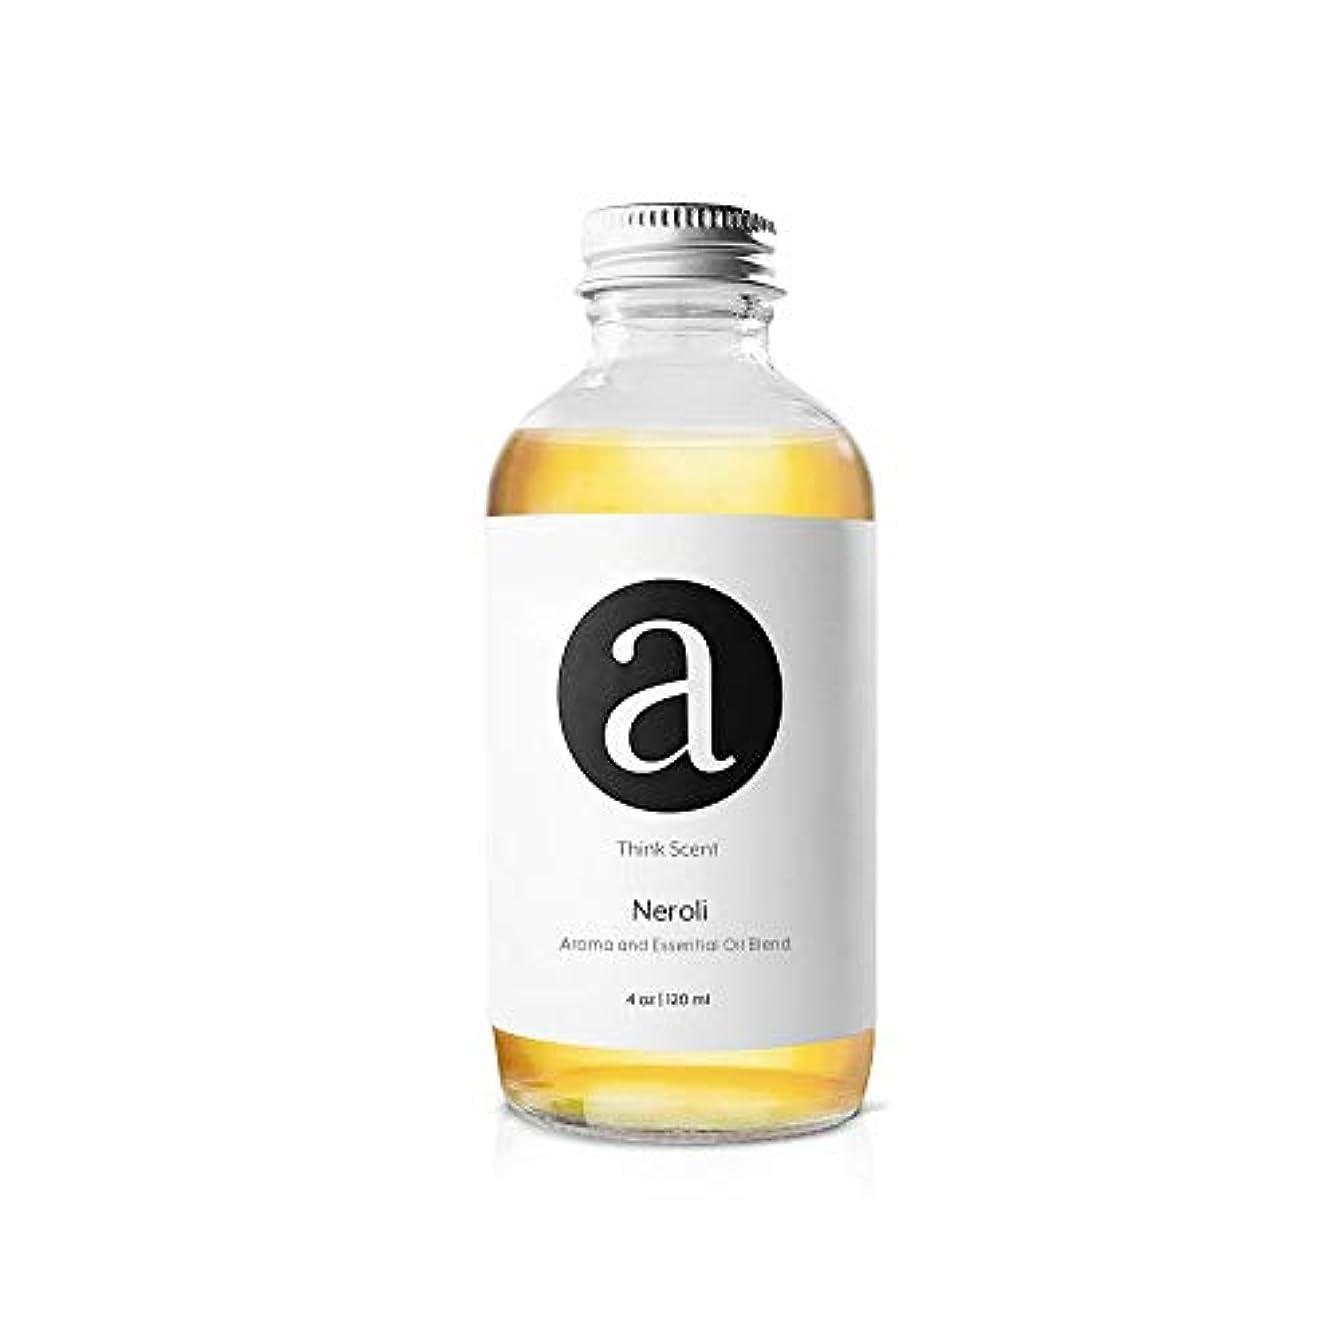 説得力のある明らか法的(ネロリ)アロマ/ Fragrance Oil for aromatech消臭香りDiffuser 120ml